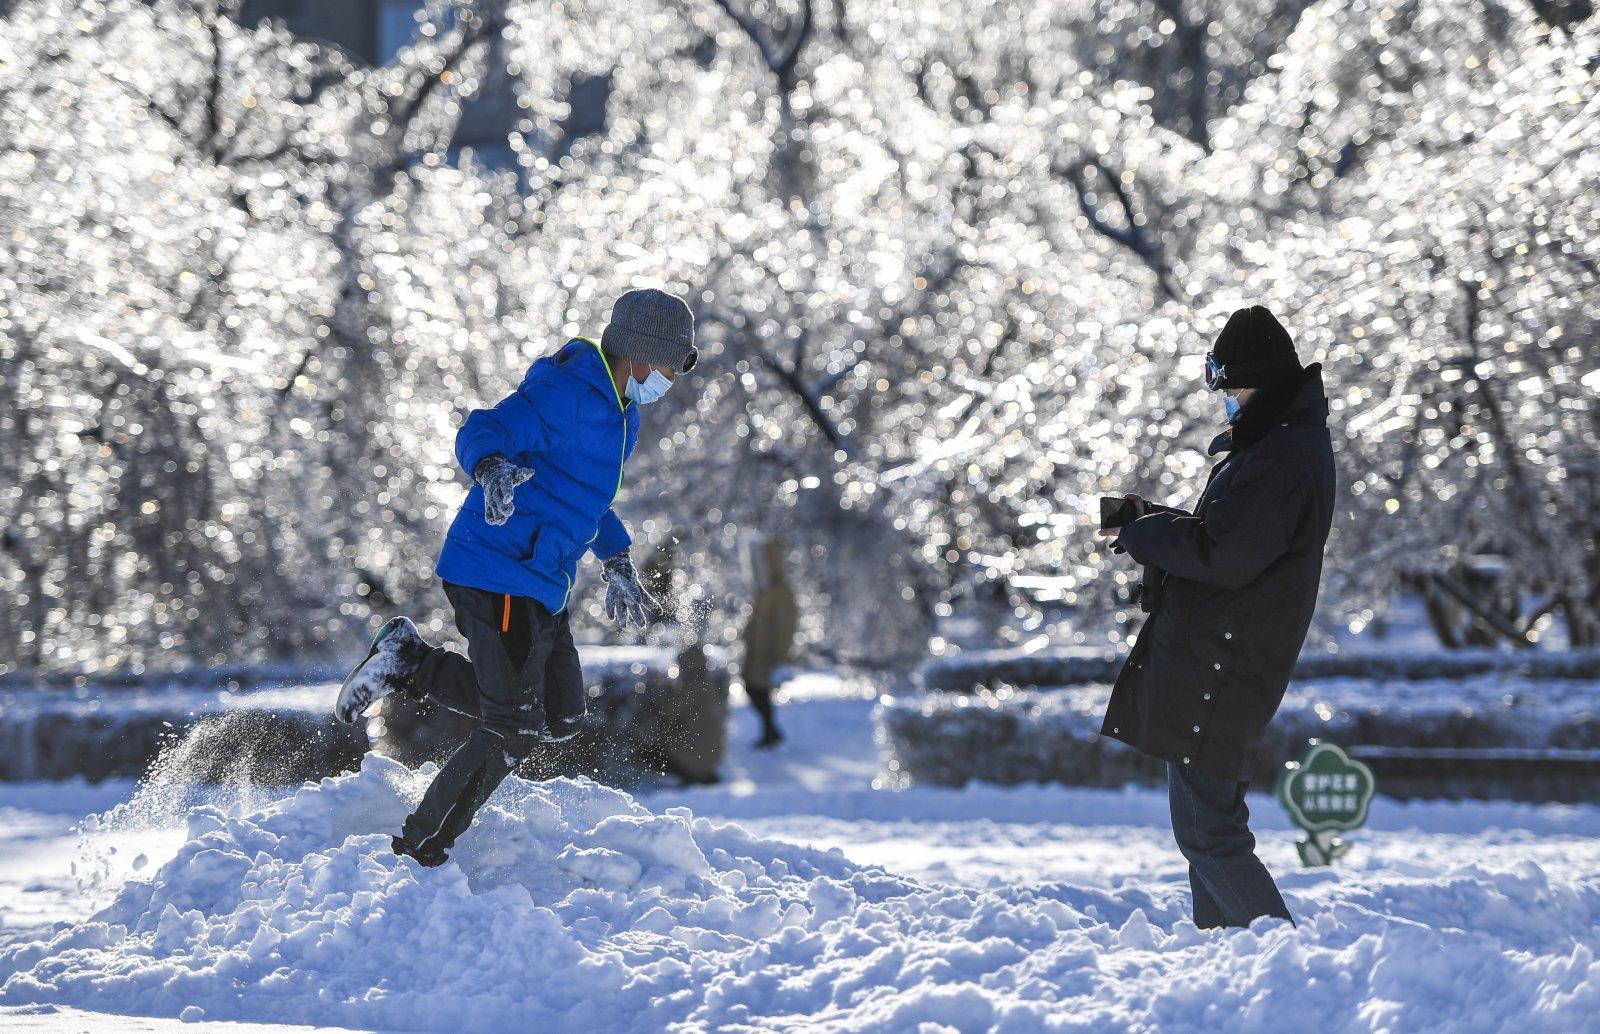 市民在長春市文化廣場雪地中玩耍。